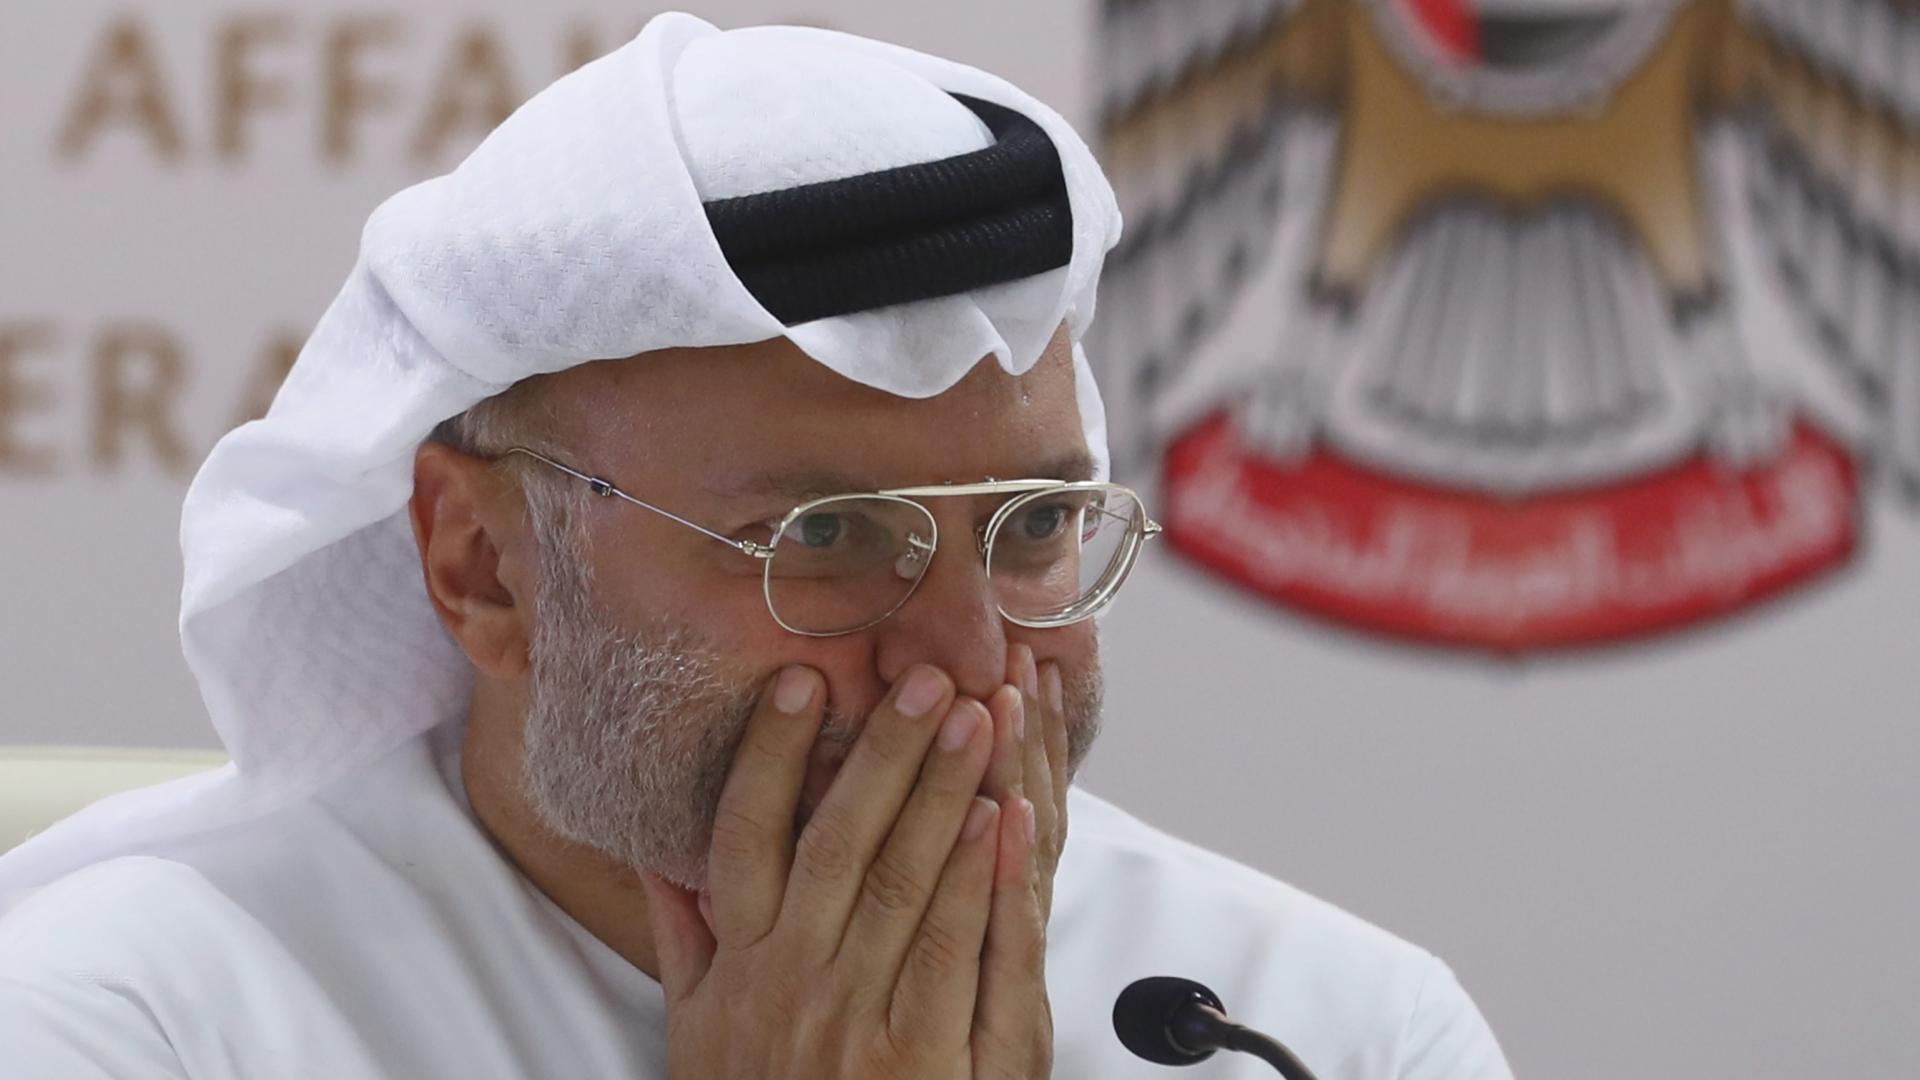 قرقاش: الجهود القطرية للتواصل وللاعتذار للسعودية باءت بالفشل